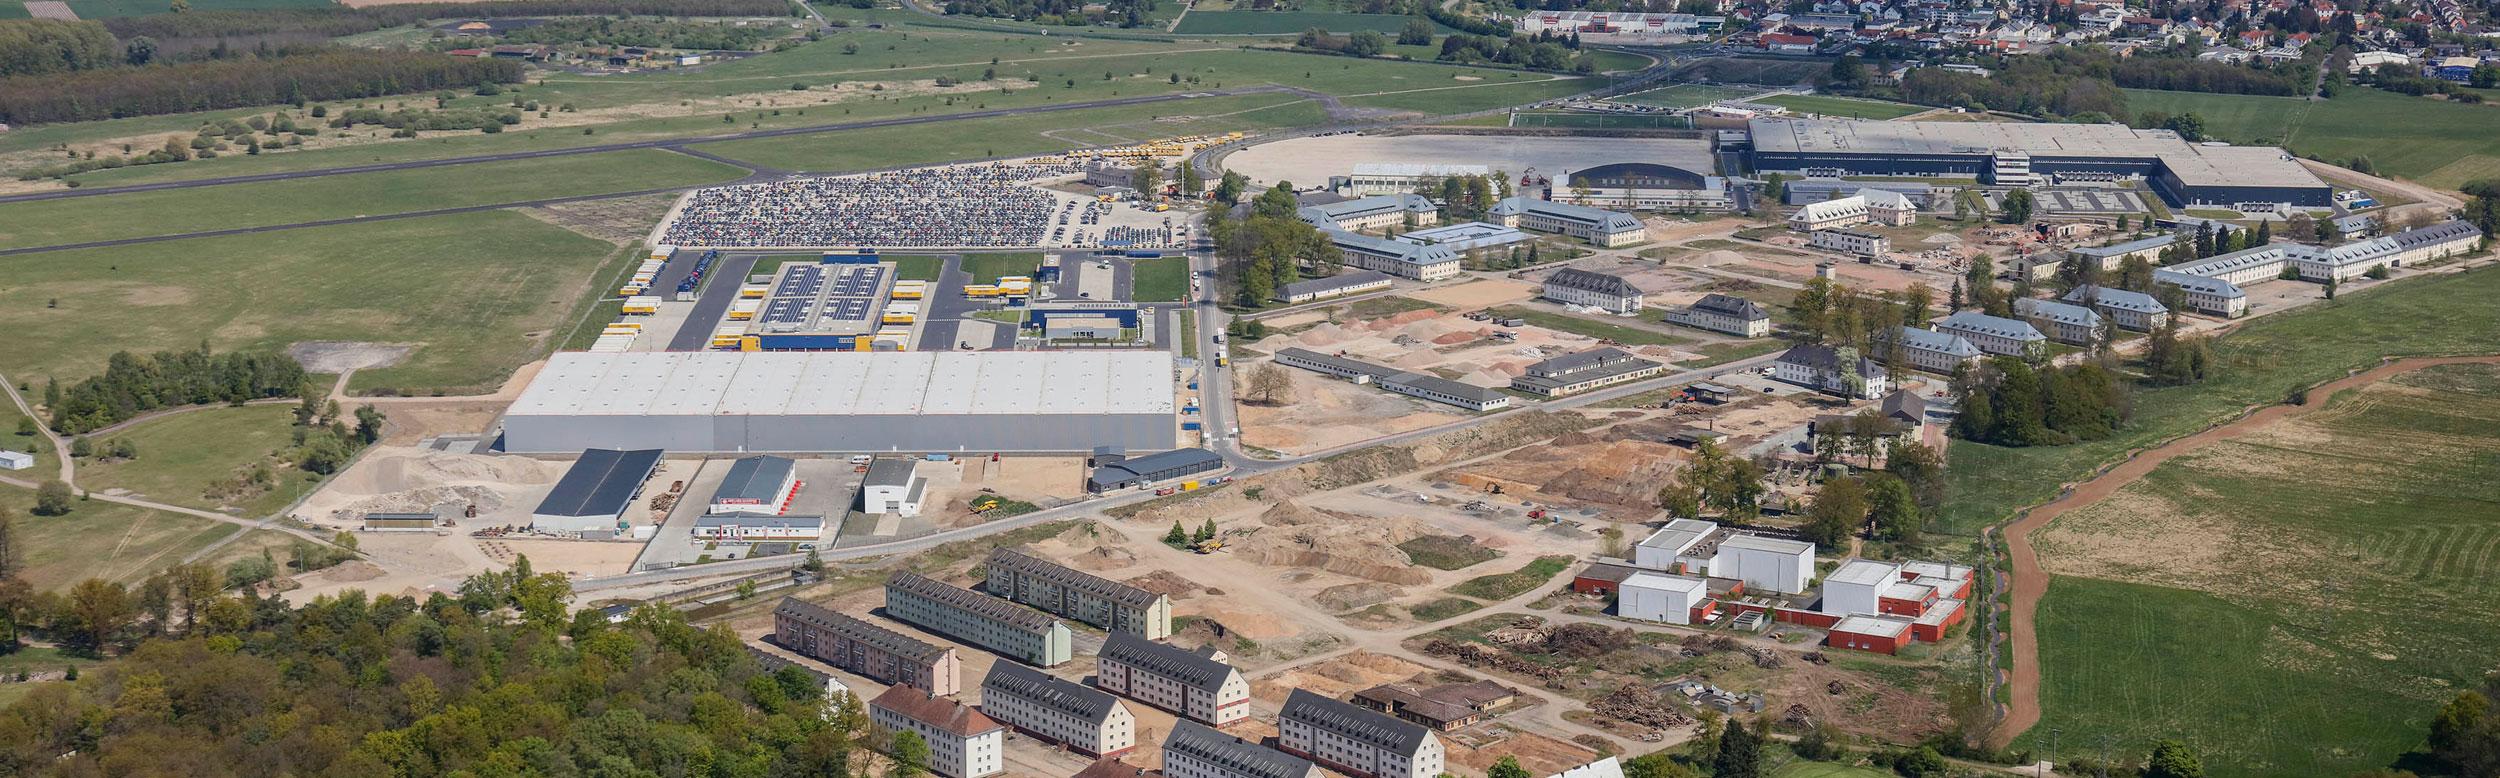 Fliegerhorst Erlensee